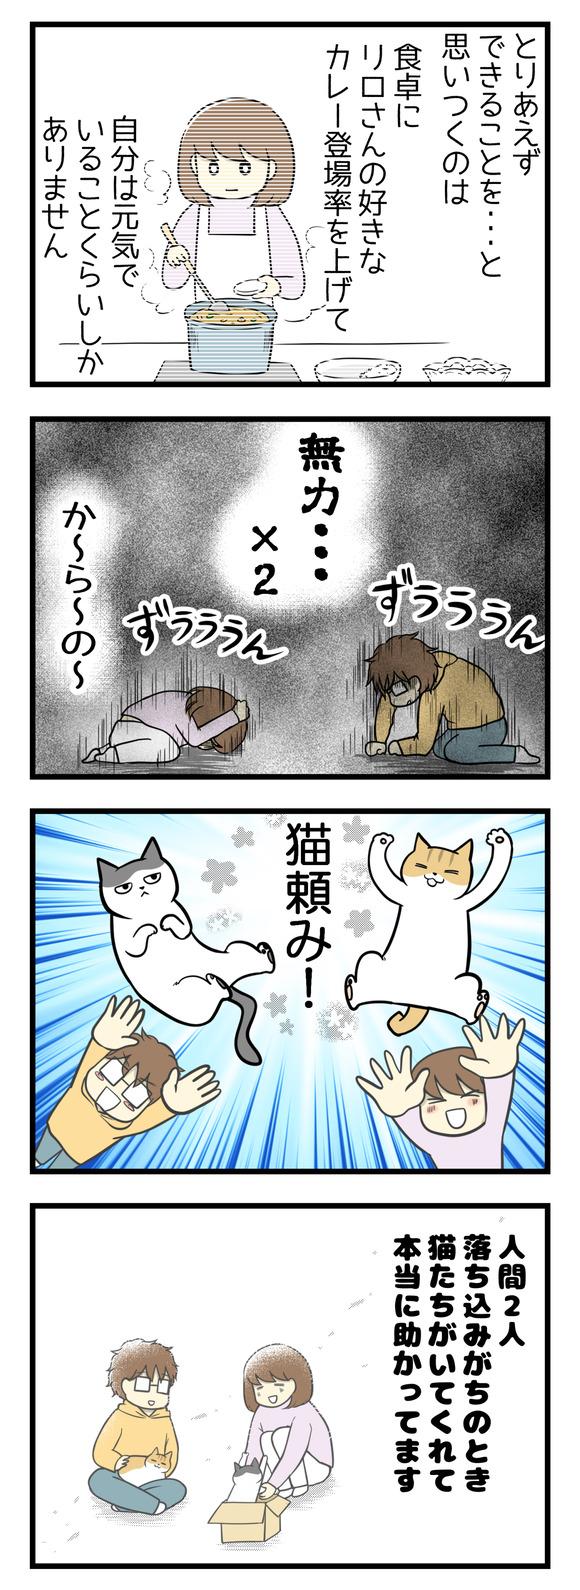 とりあえず自分にできることは、食卓にリロさんの好きなカレーの登場率をあげること、自分はなるべく元気でいることくらい。無力×2からの・・・猫頼み!人間2人落ち込みがちなときに猫たちがいてくれて本当に助かっています。